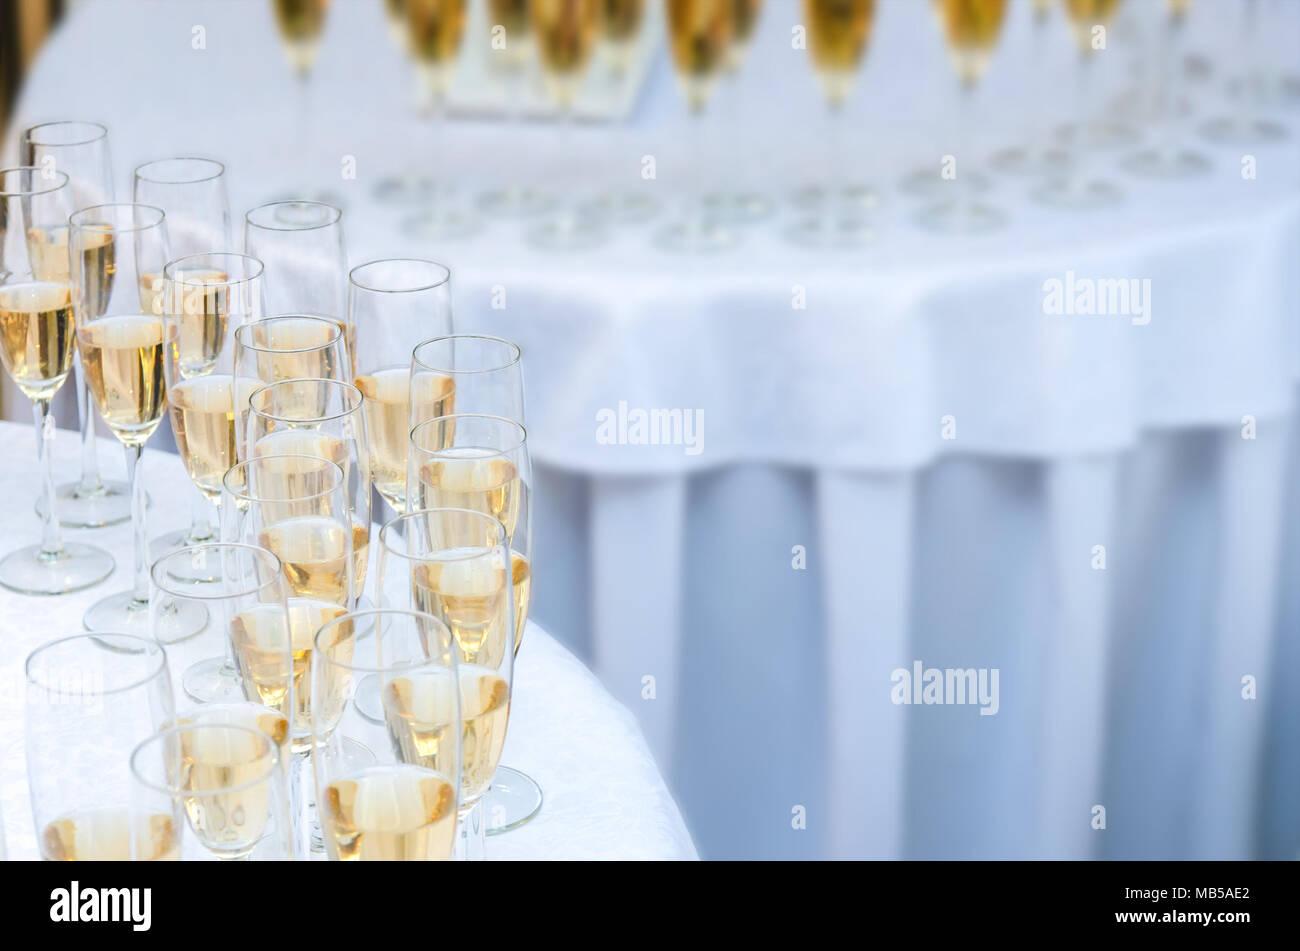 Viel Wein Gläser mit einem Sekt oder Weißwein auf dem runden Tisch. Alkohol Hintergrund Stockbild